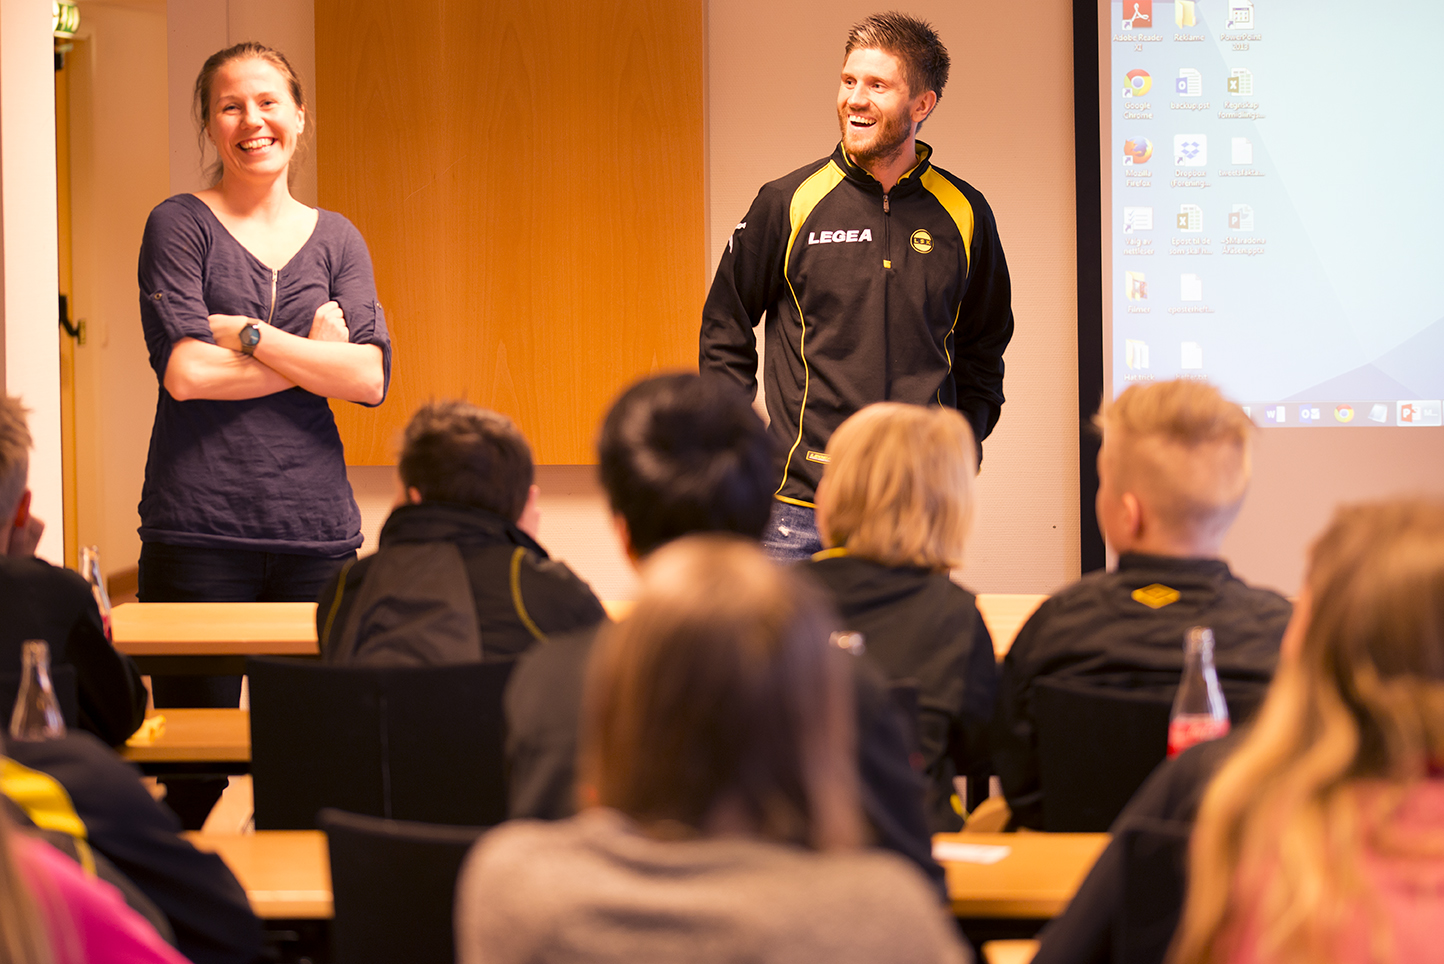 Forbilder: Mari Knudsen og Erik Nevdal Mjelde fra Lillestrøm snakket om fotball og lesing til de unge tilhørerne. Foto: Vibeke Røgler/Foreningen !les.